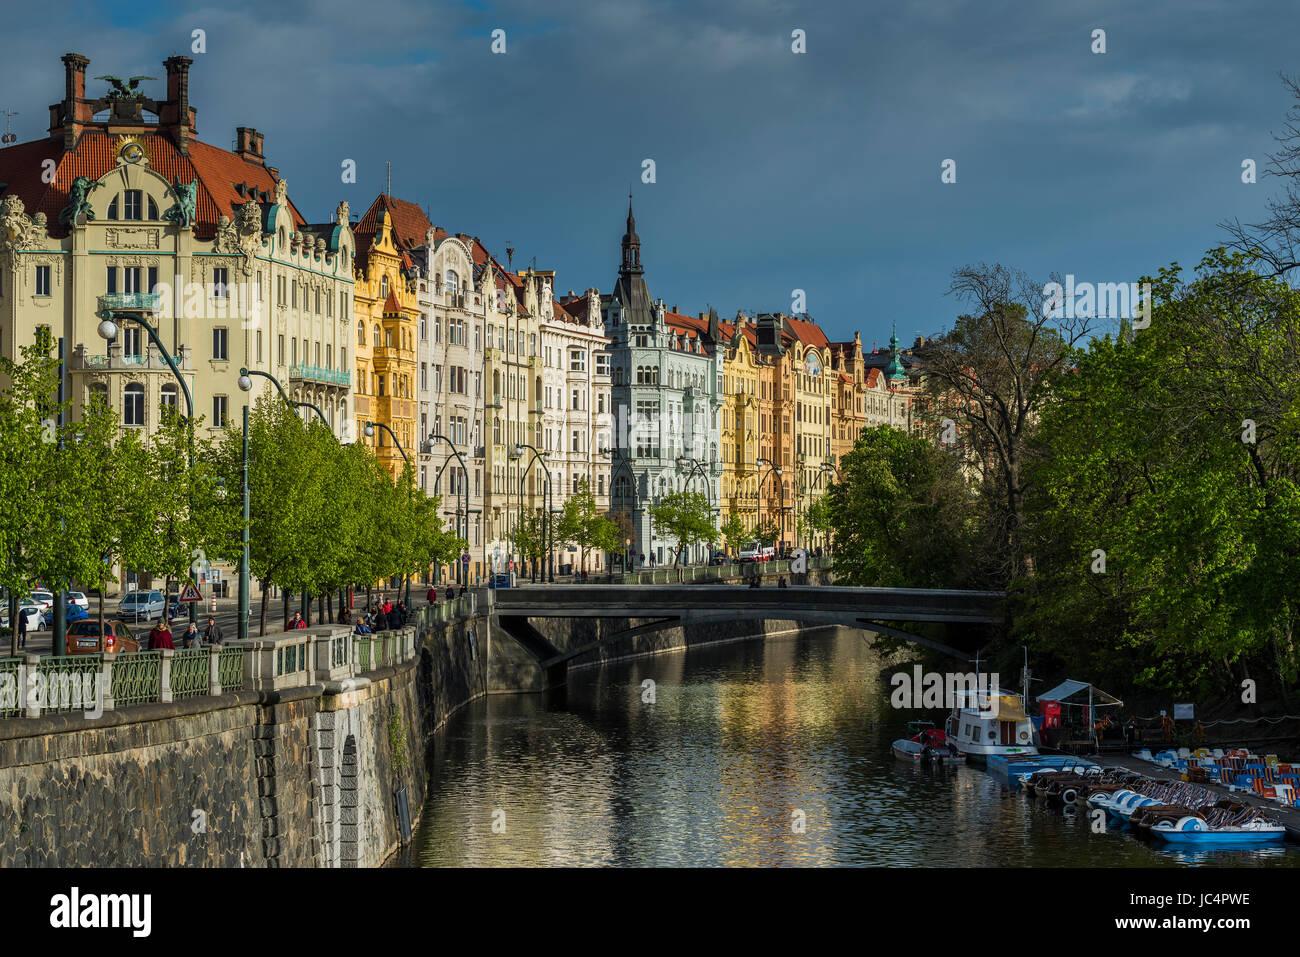 Art nouveau buildings along Vltava River, Prague, Bohemia, Czech Republic - Stock Image